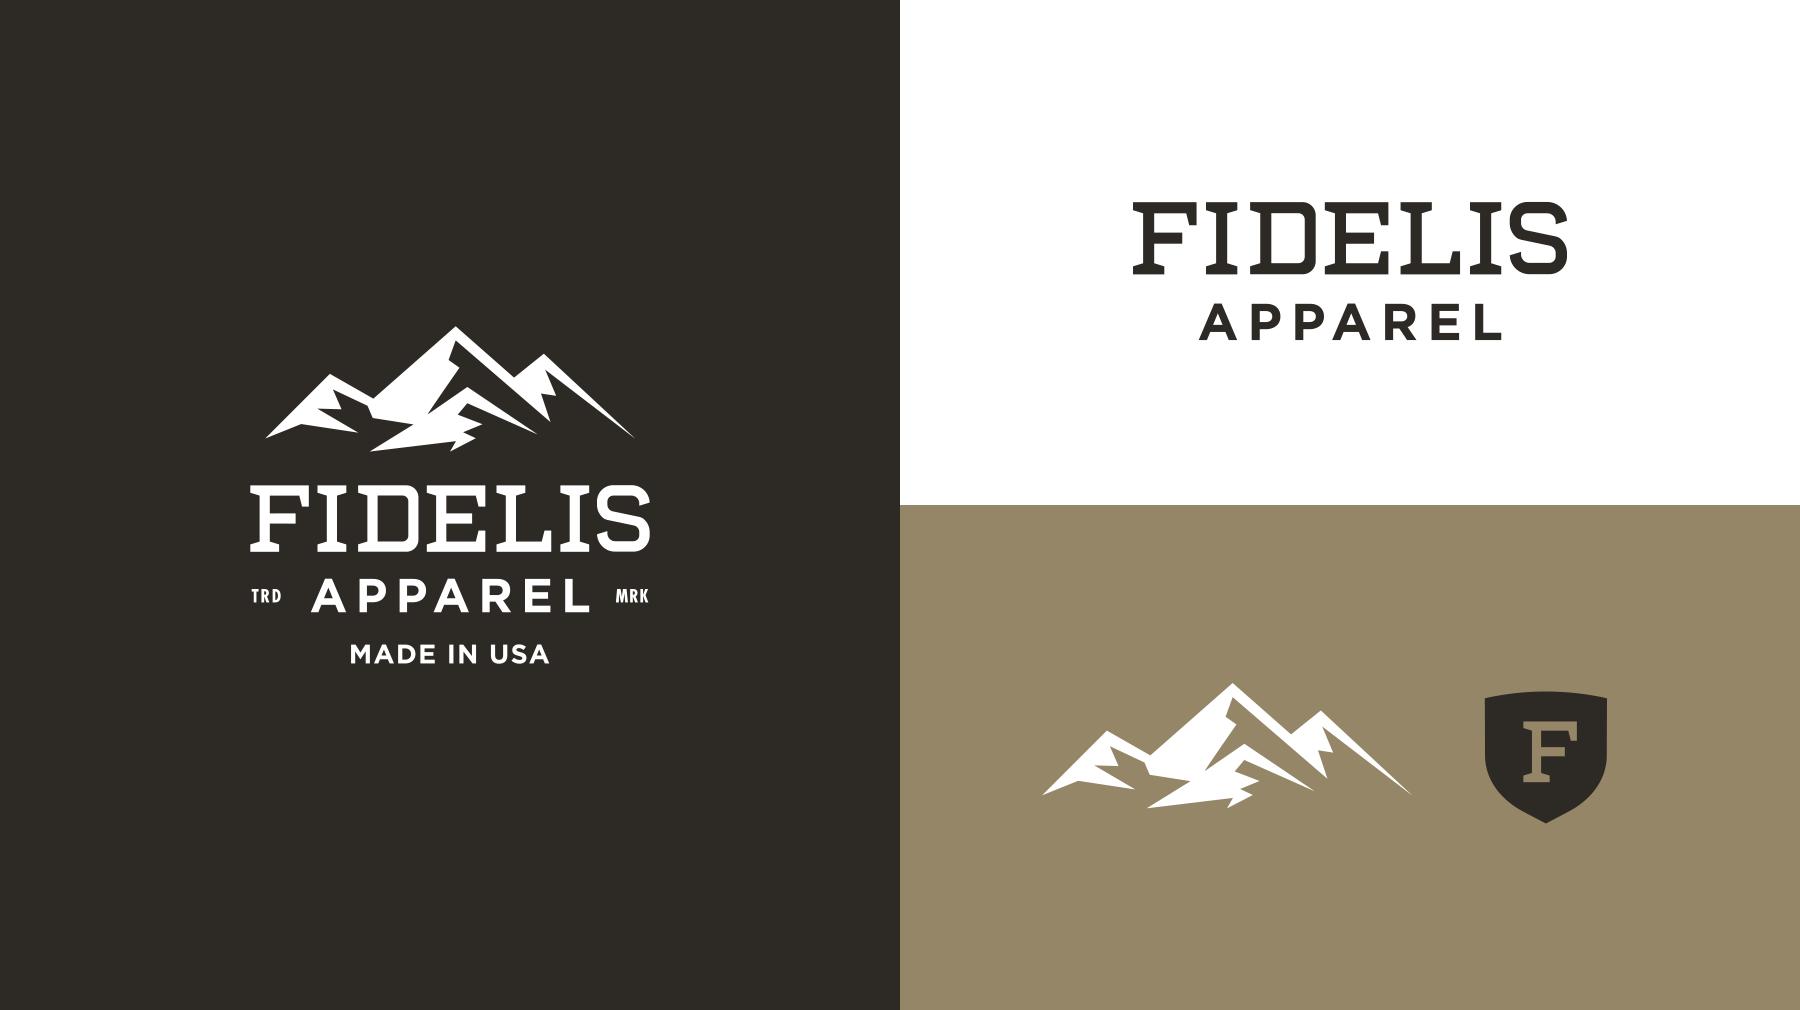 fidelis_brandsystem.png